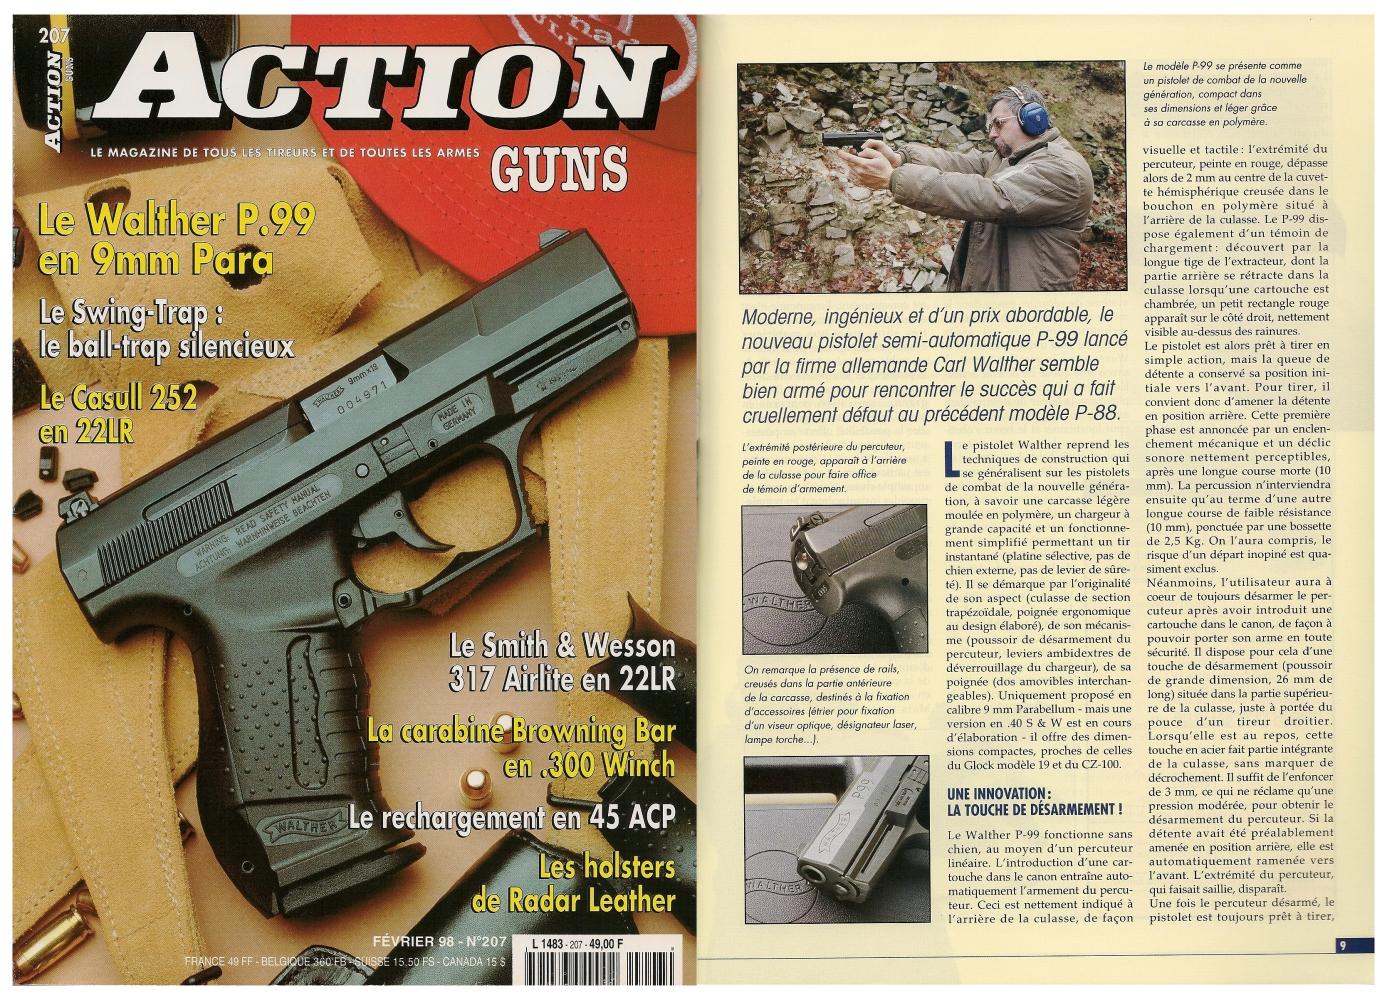 Le banc d'essai du pistolet Walther P99 a été publié sur 7 pages dans le magazine Action Guns n°207 (février 1998)